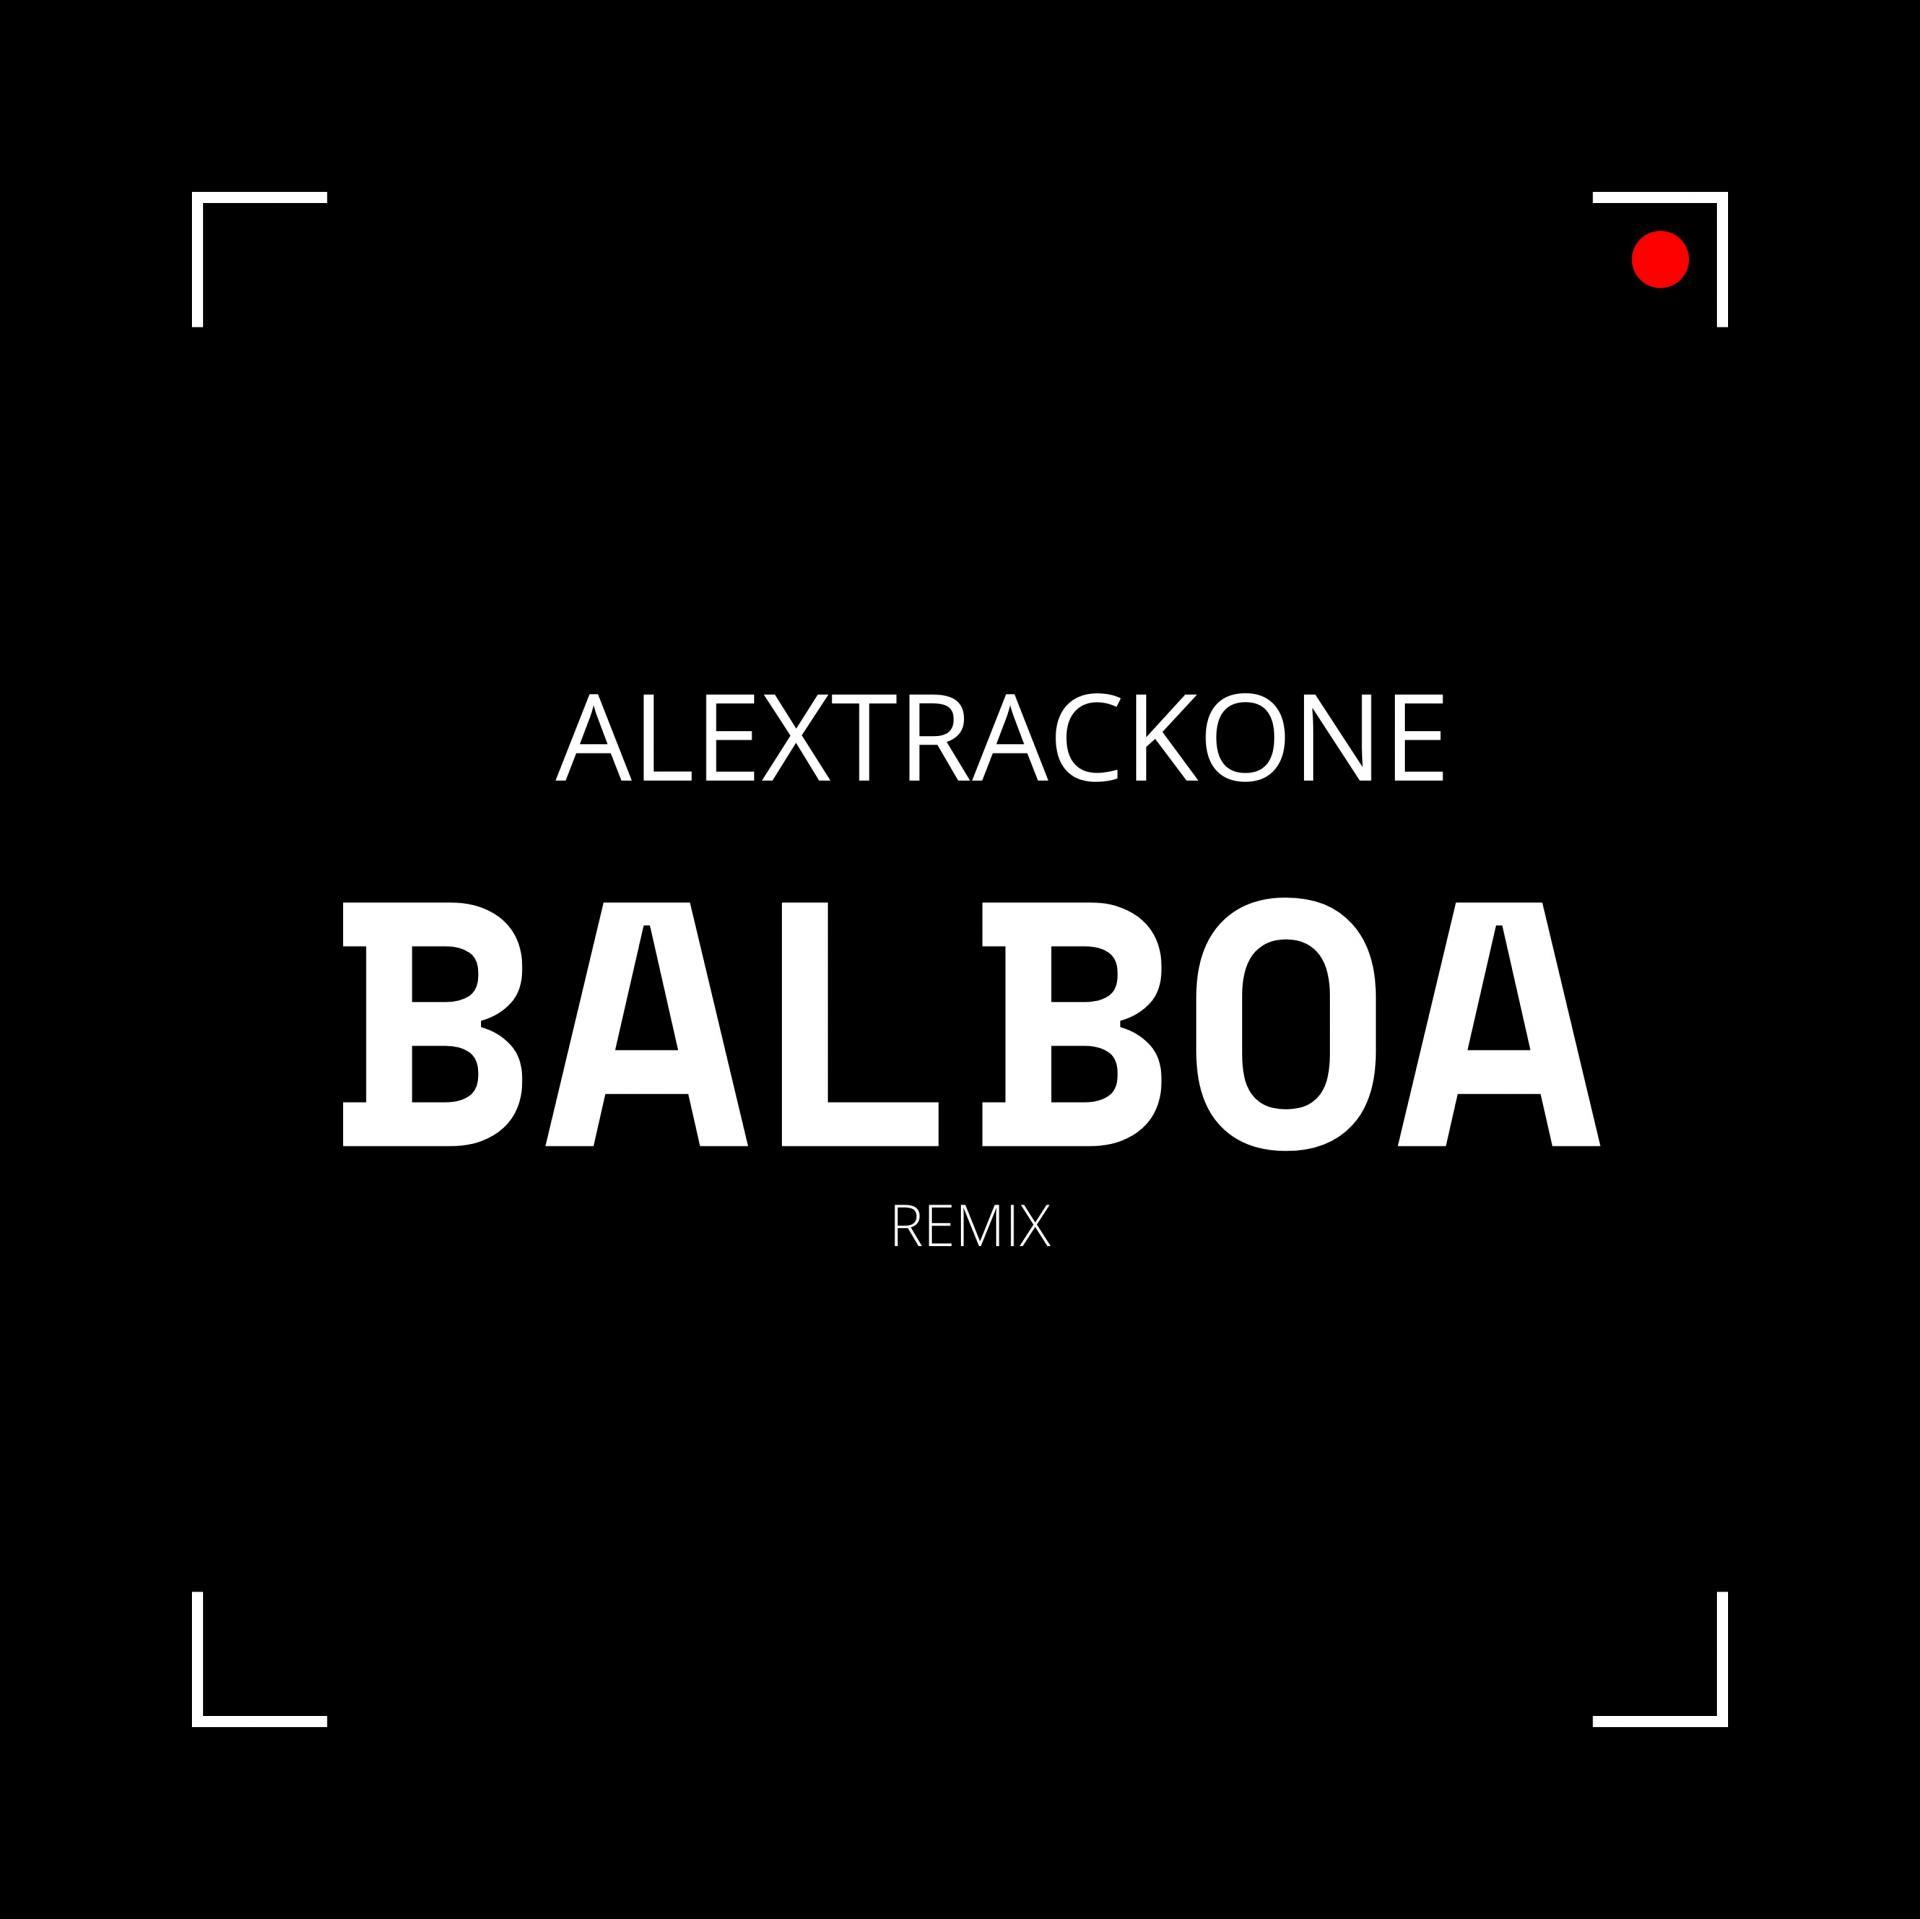 BALBOA -REMIX-